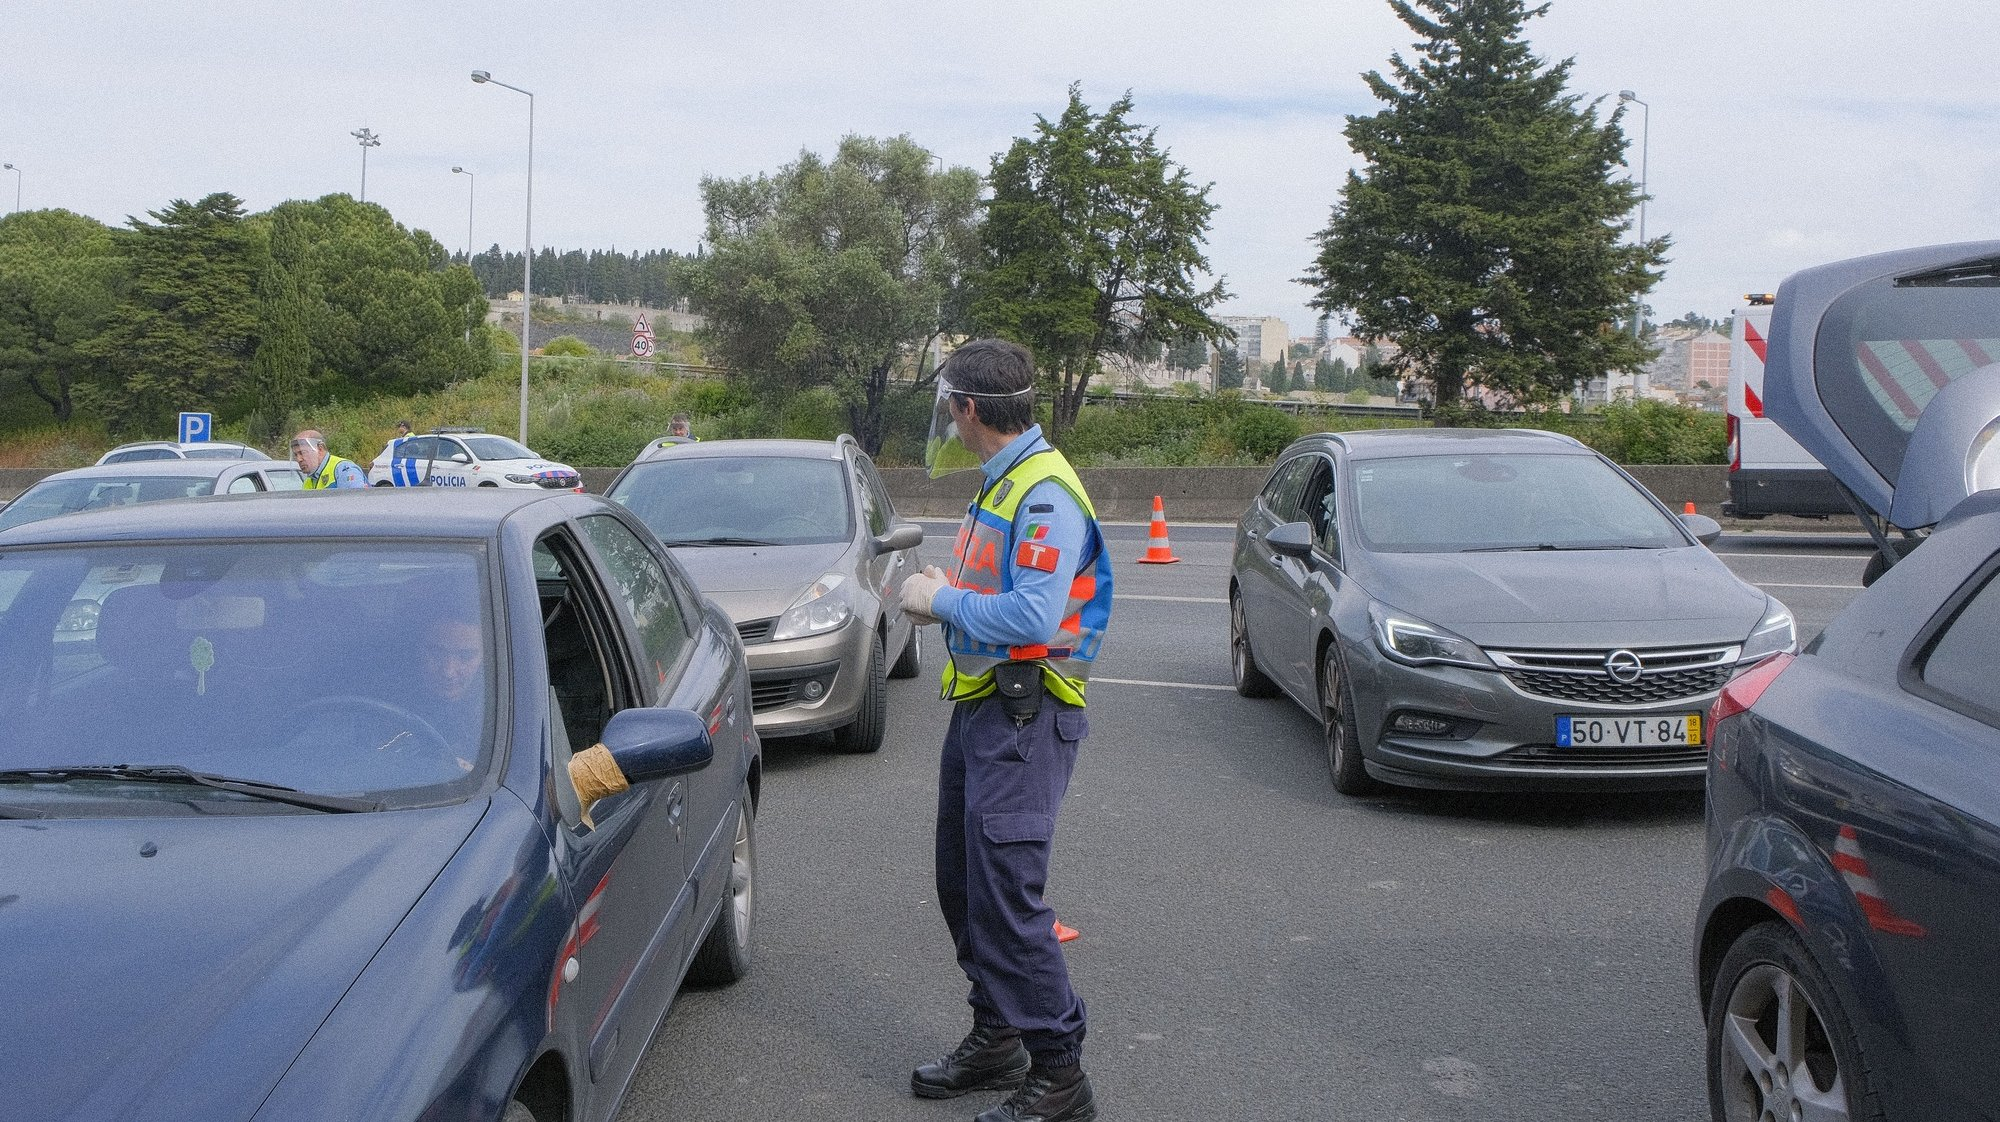 Um elemento da Polícia de Segurança Publica (PSP) controla o aceso na Ponte 25 de Abril, sentido Lisboa – Almada, afim de sensibilizar os automobilistas a ficarem em casa decido à COVID-19, Lisboa, 29 de março de 2020. Em Portugal, segundo o balanço feito hoje pela Direção-Geral da Saúde, registaram-se 119 mortes, mais 19 do que na véspera (+19%), e registaram-se 5.962 casos de infeções confirmadas, mais 792 casos em relação a sábado (+15,3%). ANTÓNIO  COTRIM/LUSA